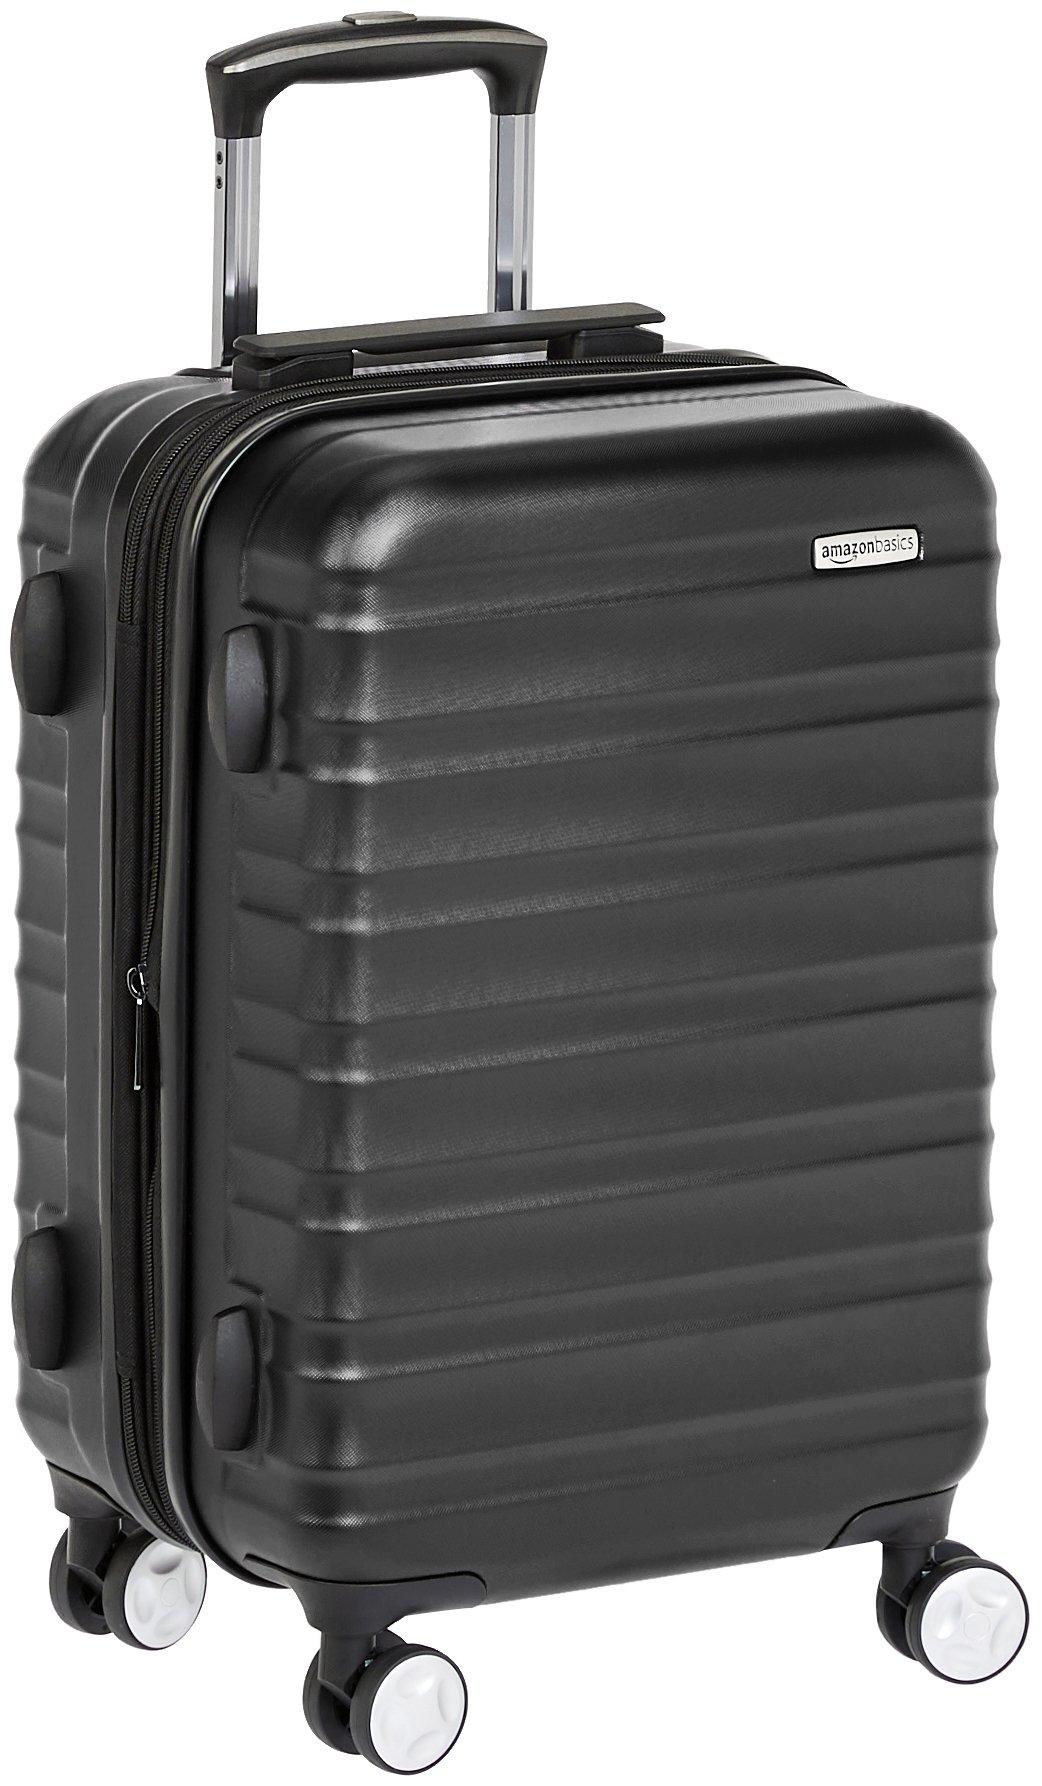 3aabb95aa AmazonBasics Premium Hardside Spinner - TiendaMIA.com